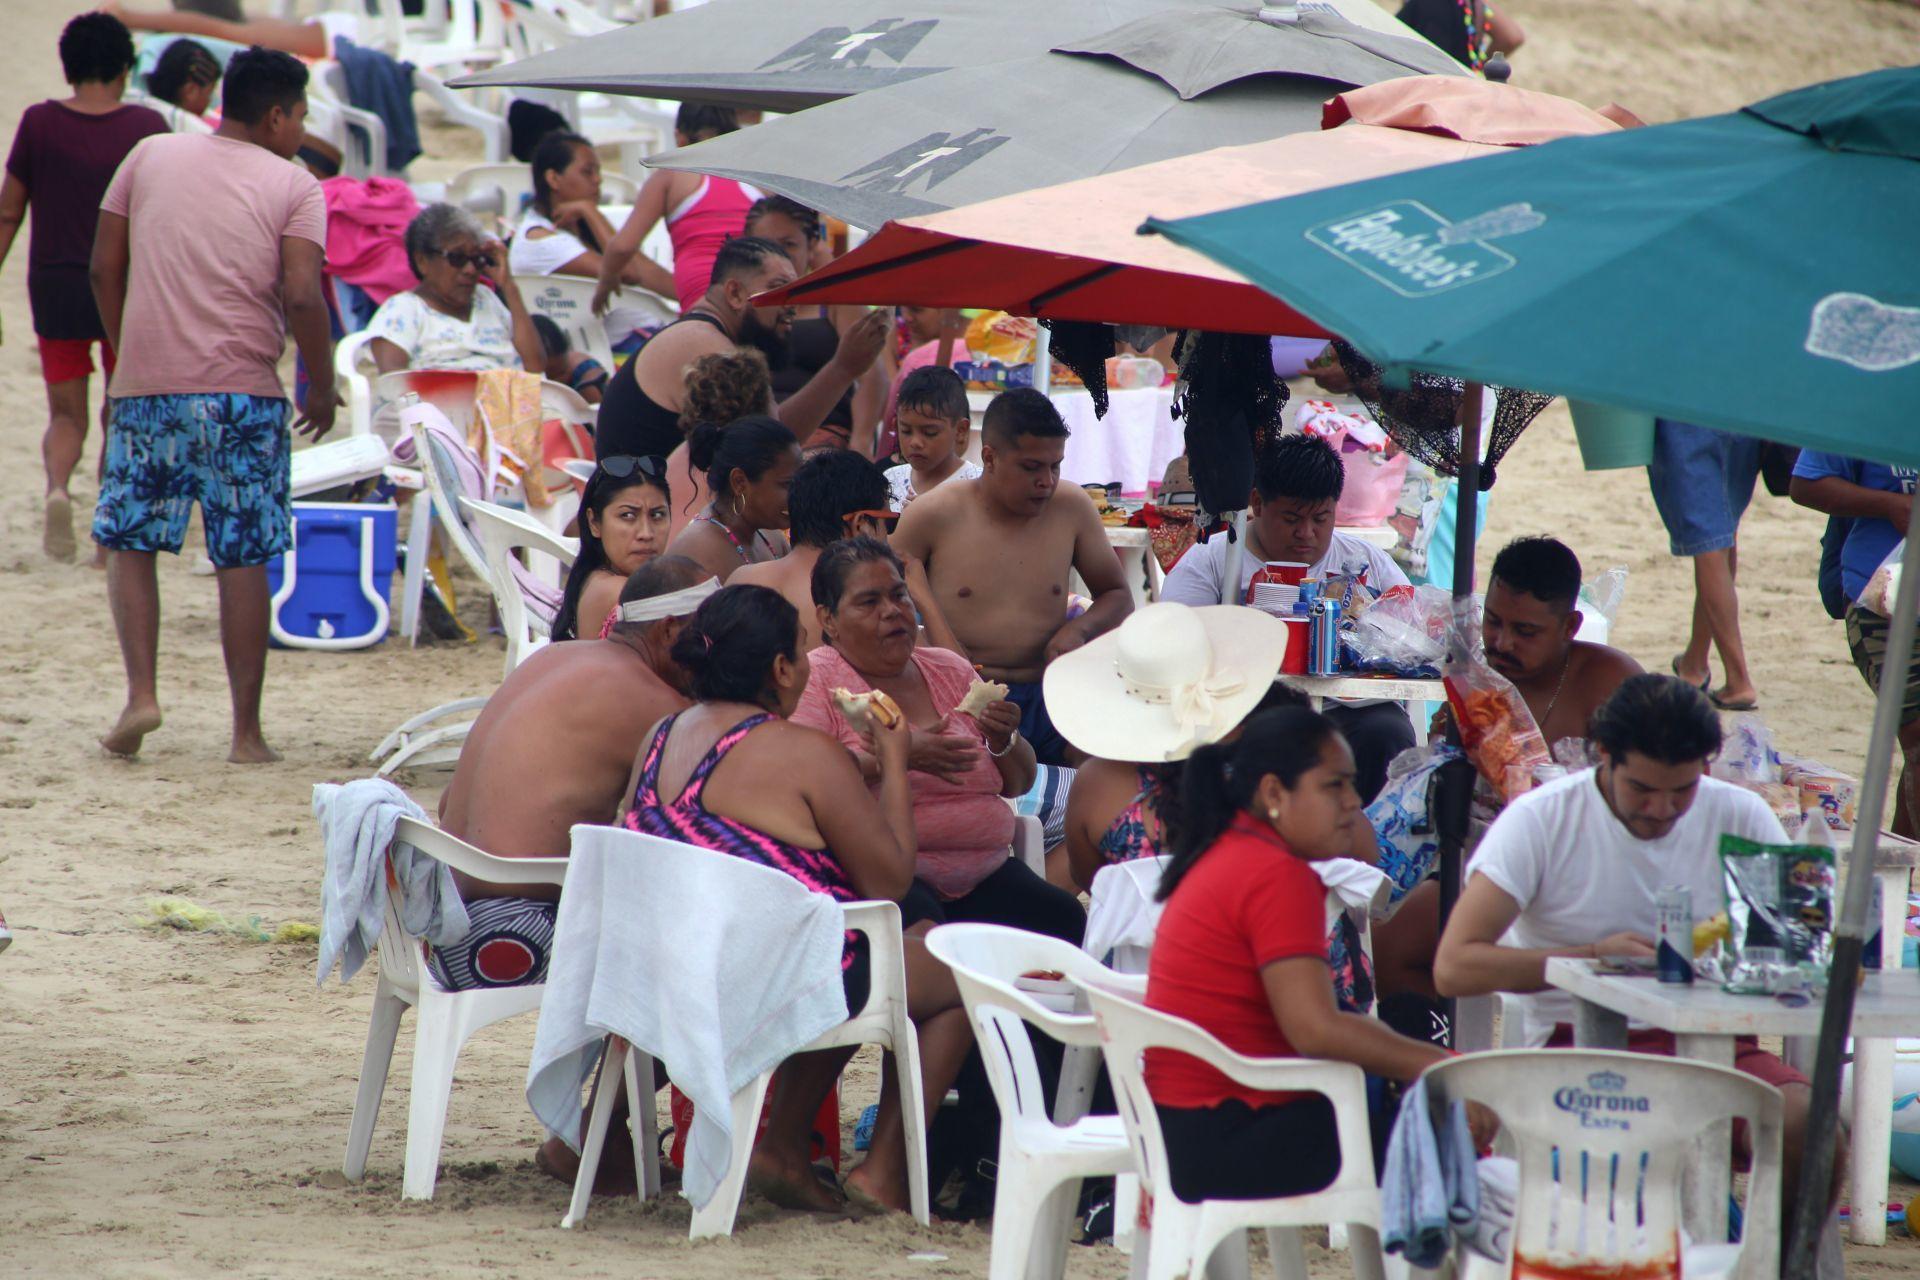 Miles de turistas llegaron a las playas de Acapulco este fin de semana, a pesar del llamado de las autoridades a respetar los protocolos de seguridad sanitaria por la pandemia de Covid-19 en las playas del puerto no se respetan. (FOTO: CARLOS ALBERTO CARBAJAL/CUARTOSCURO)